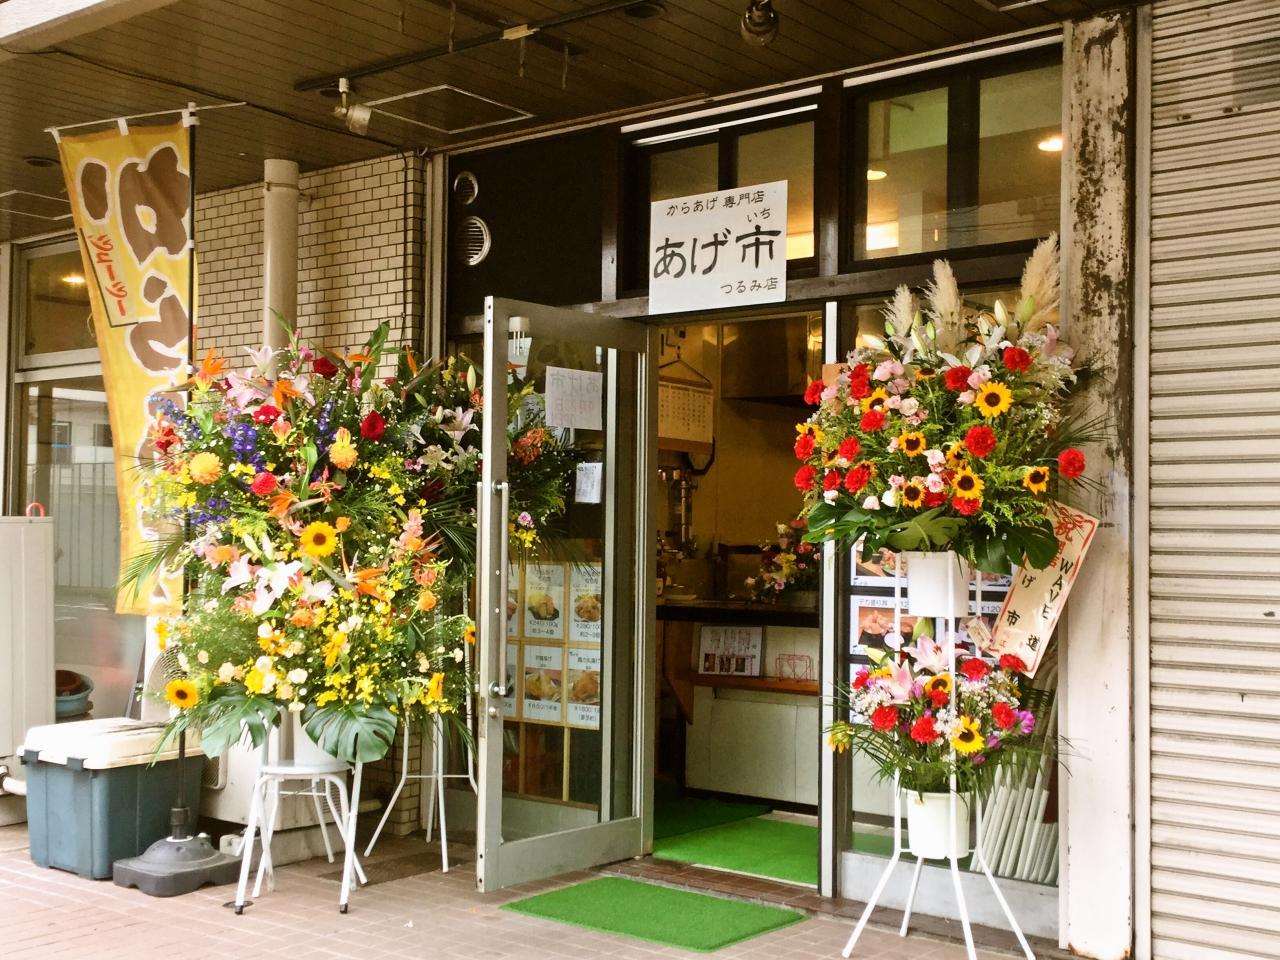 あげ市鶴見店(店舗外観)